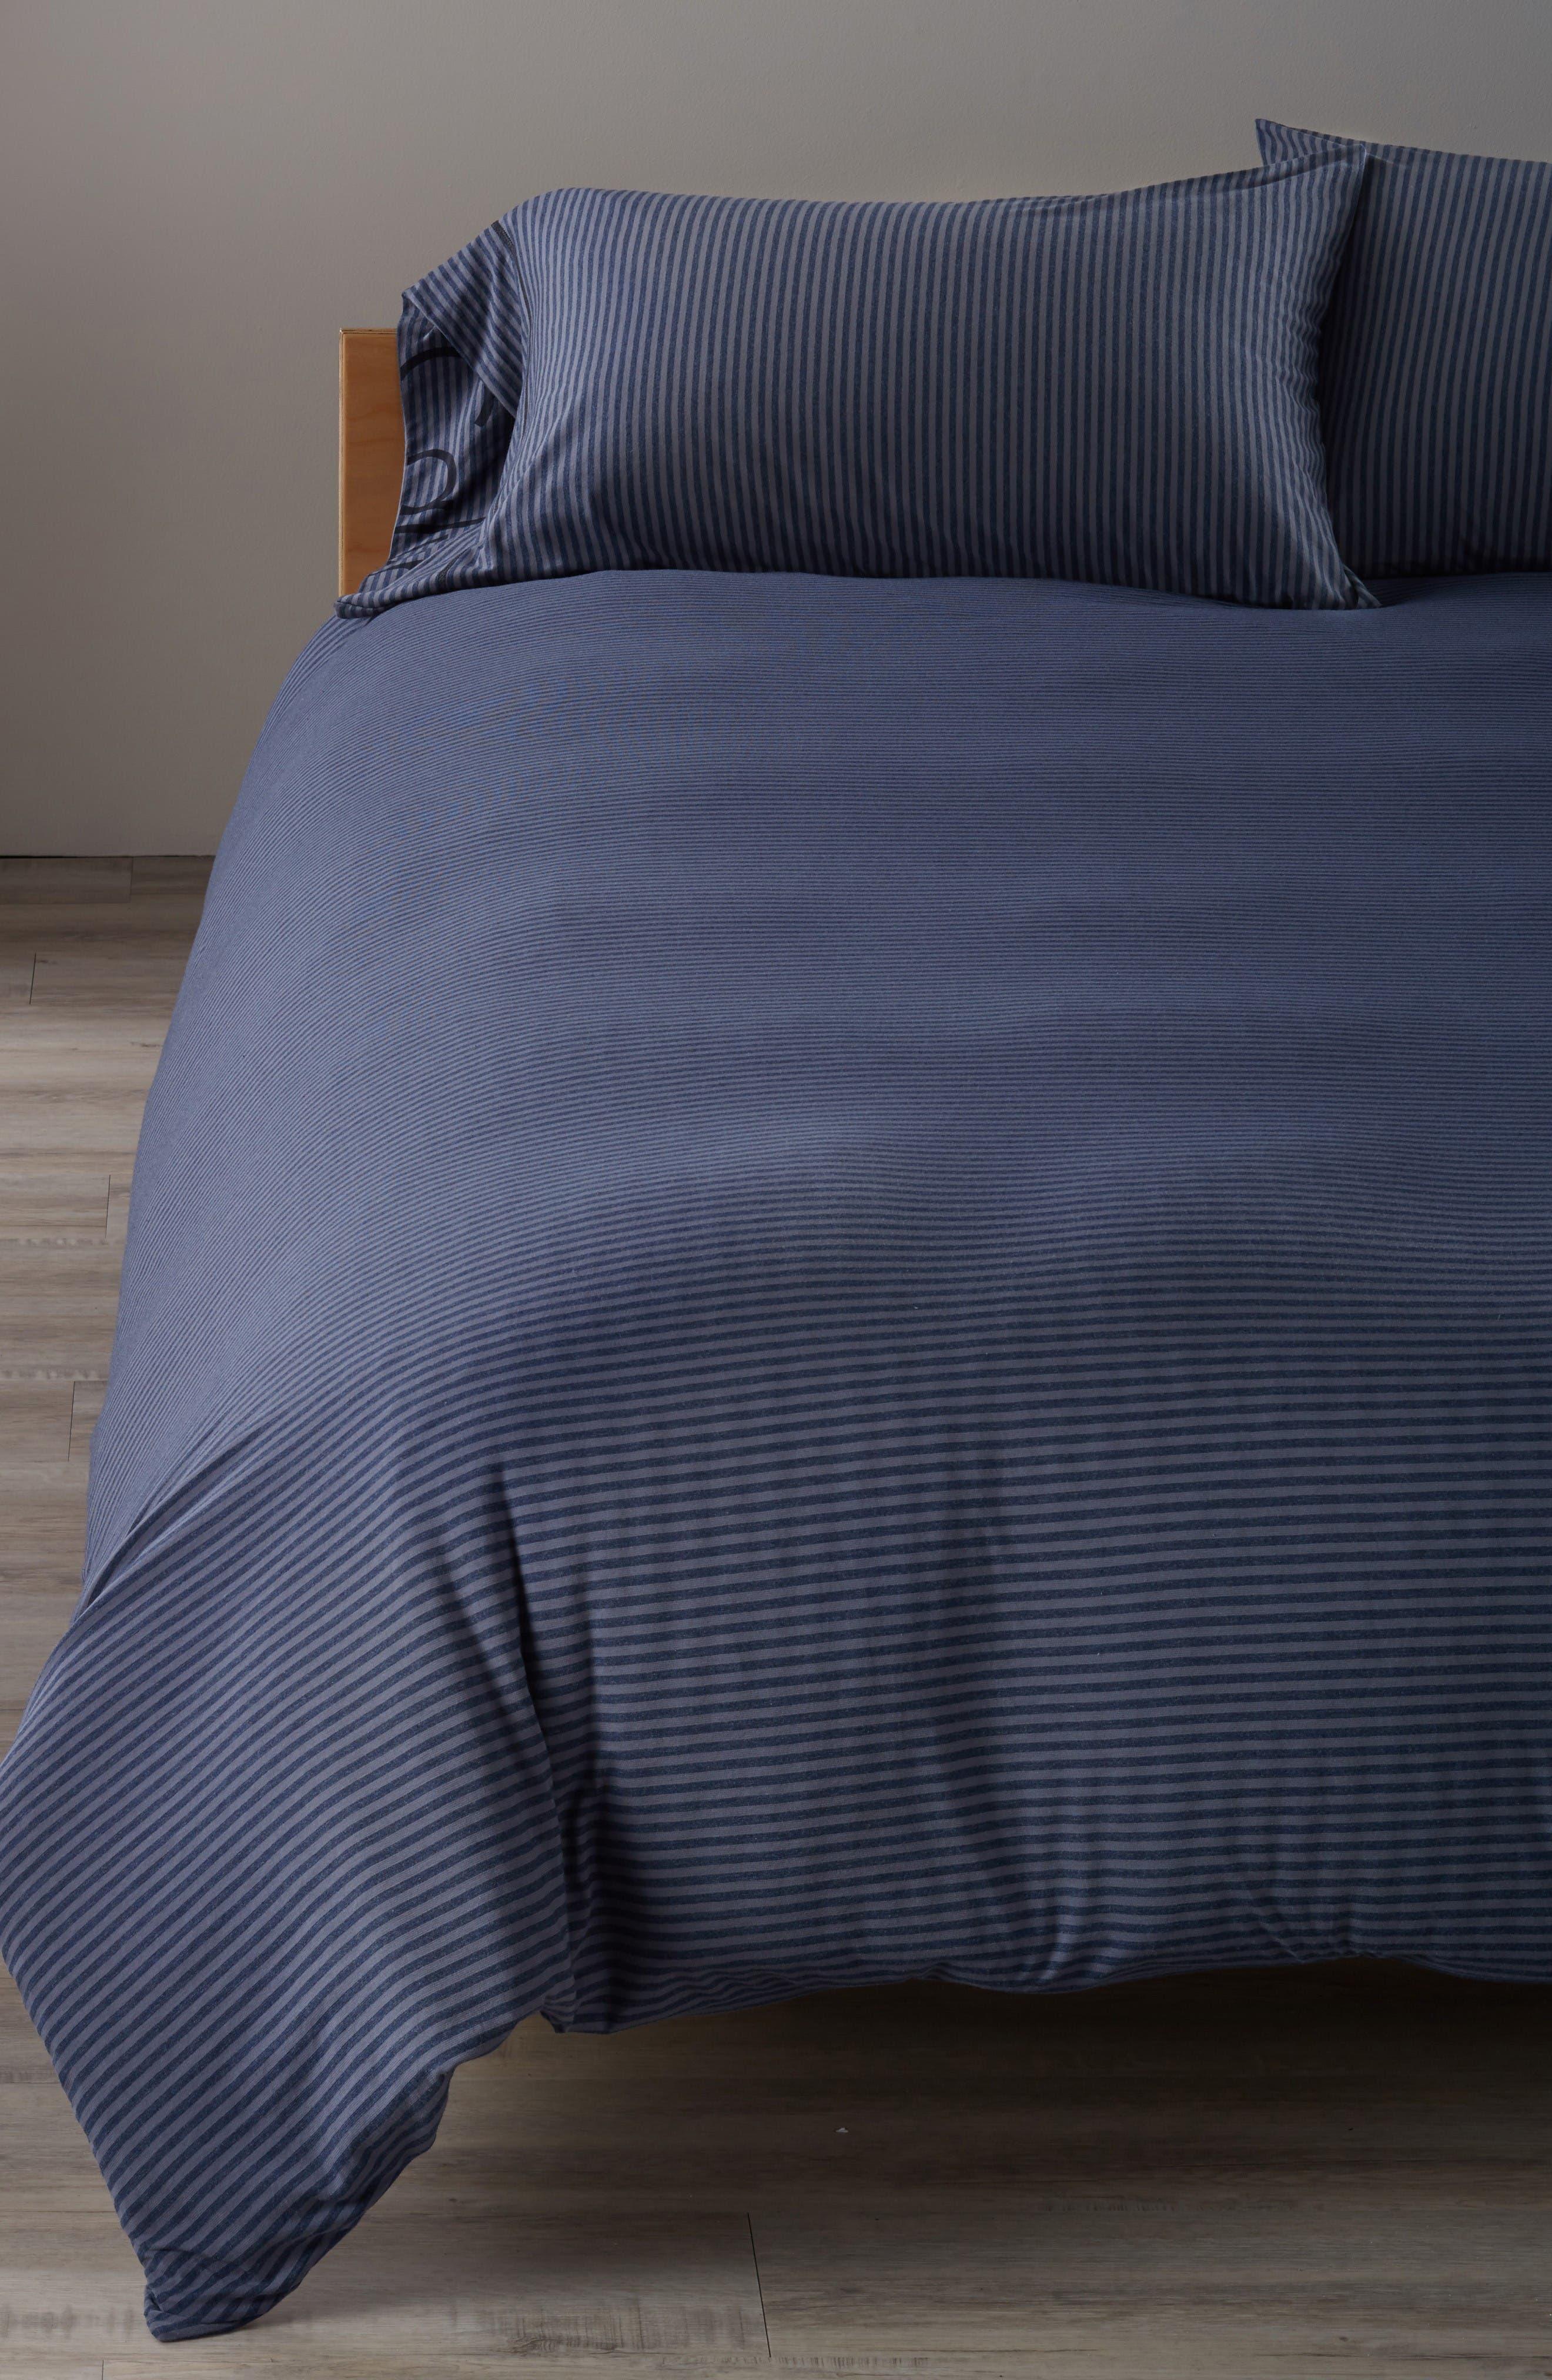 Alternate Image 1 Selected - Calvin Klein Pulse Duvet Cover